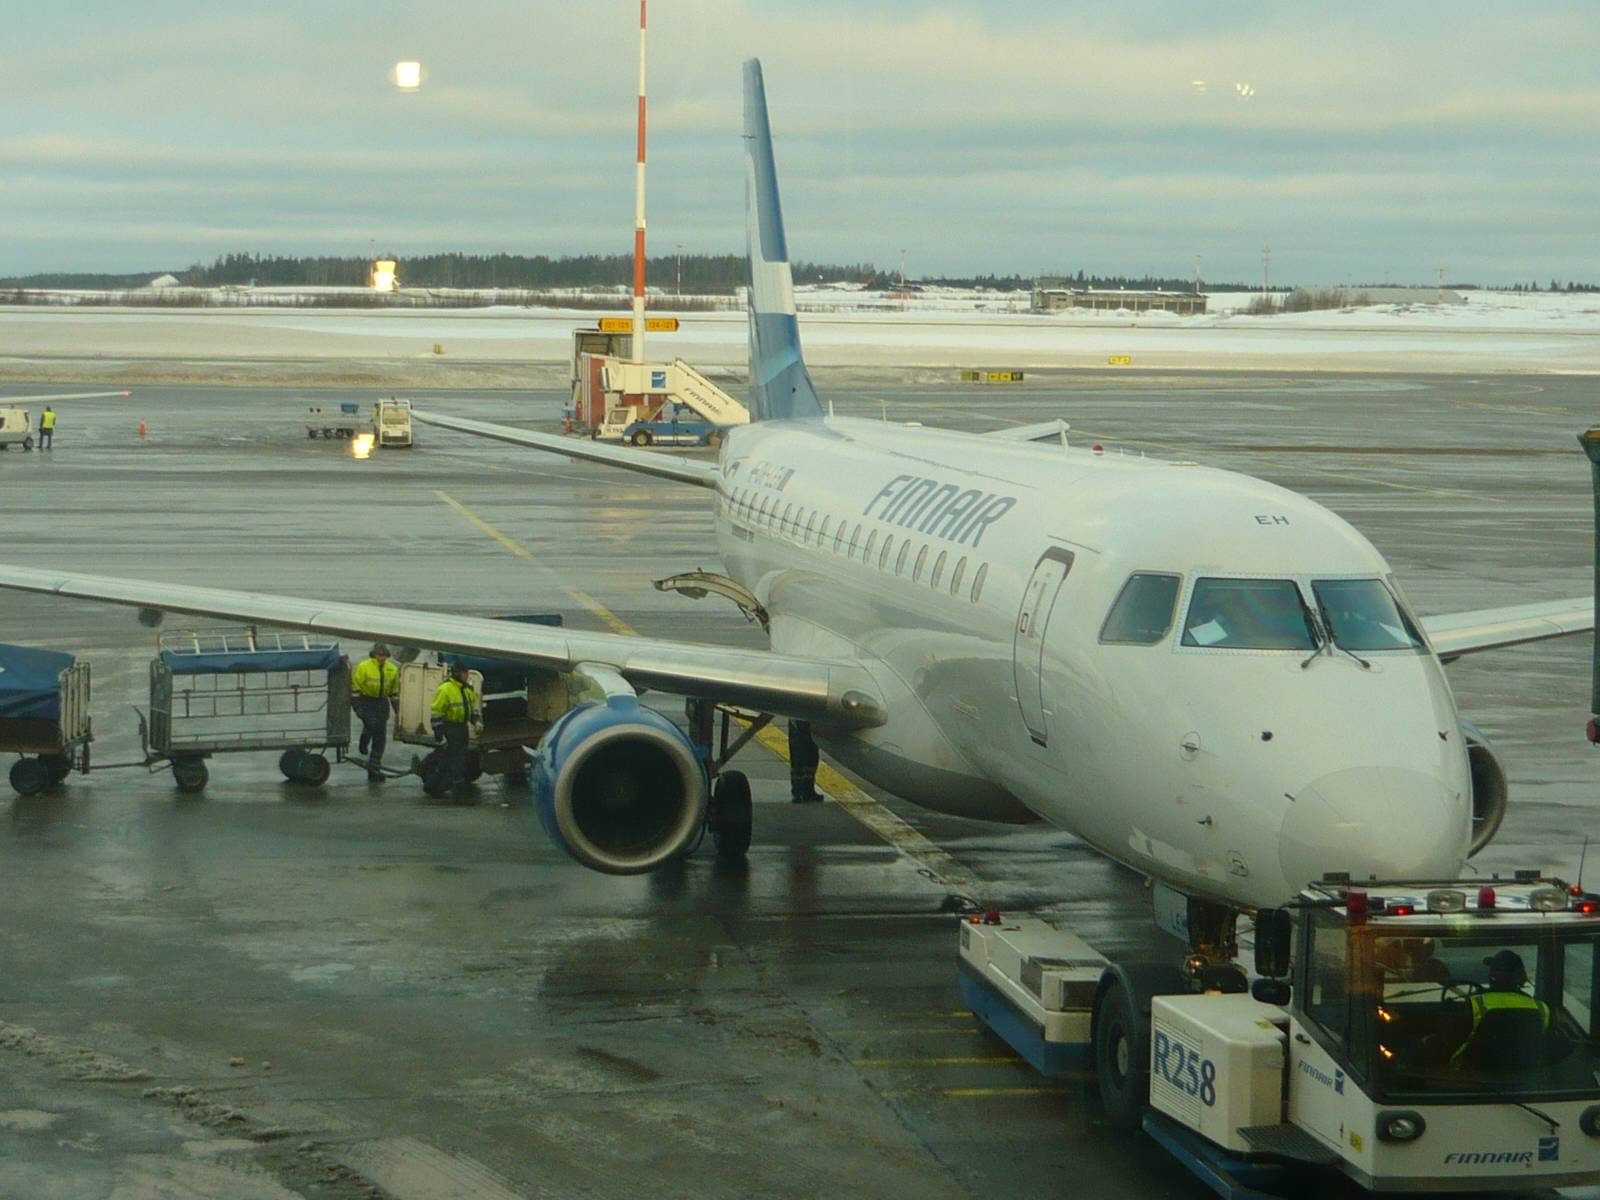 Компания finnair отменила июльские рейсы в санкт-петербург. москва — все новости (вчера, сегодня, сейчас) от 123ru.net